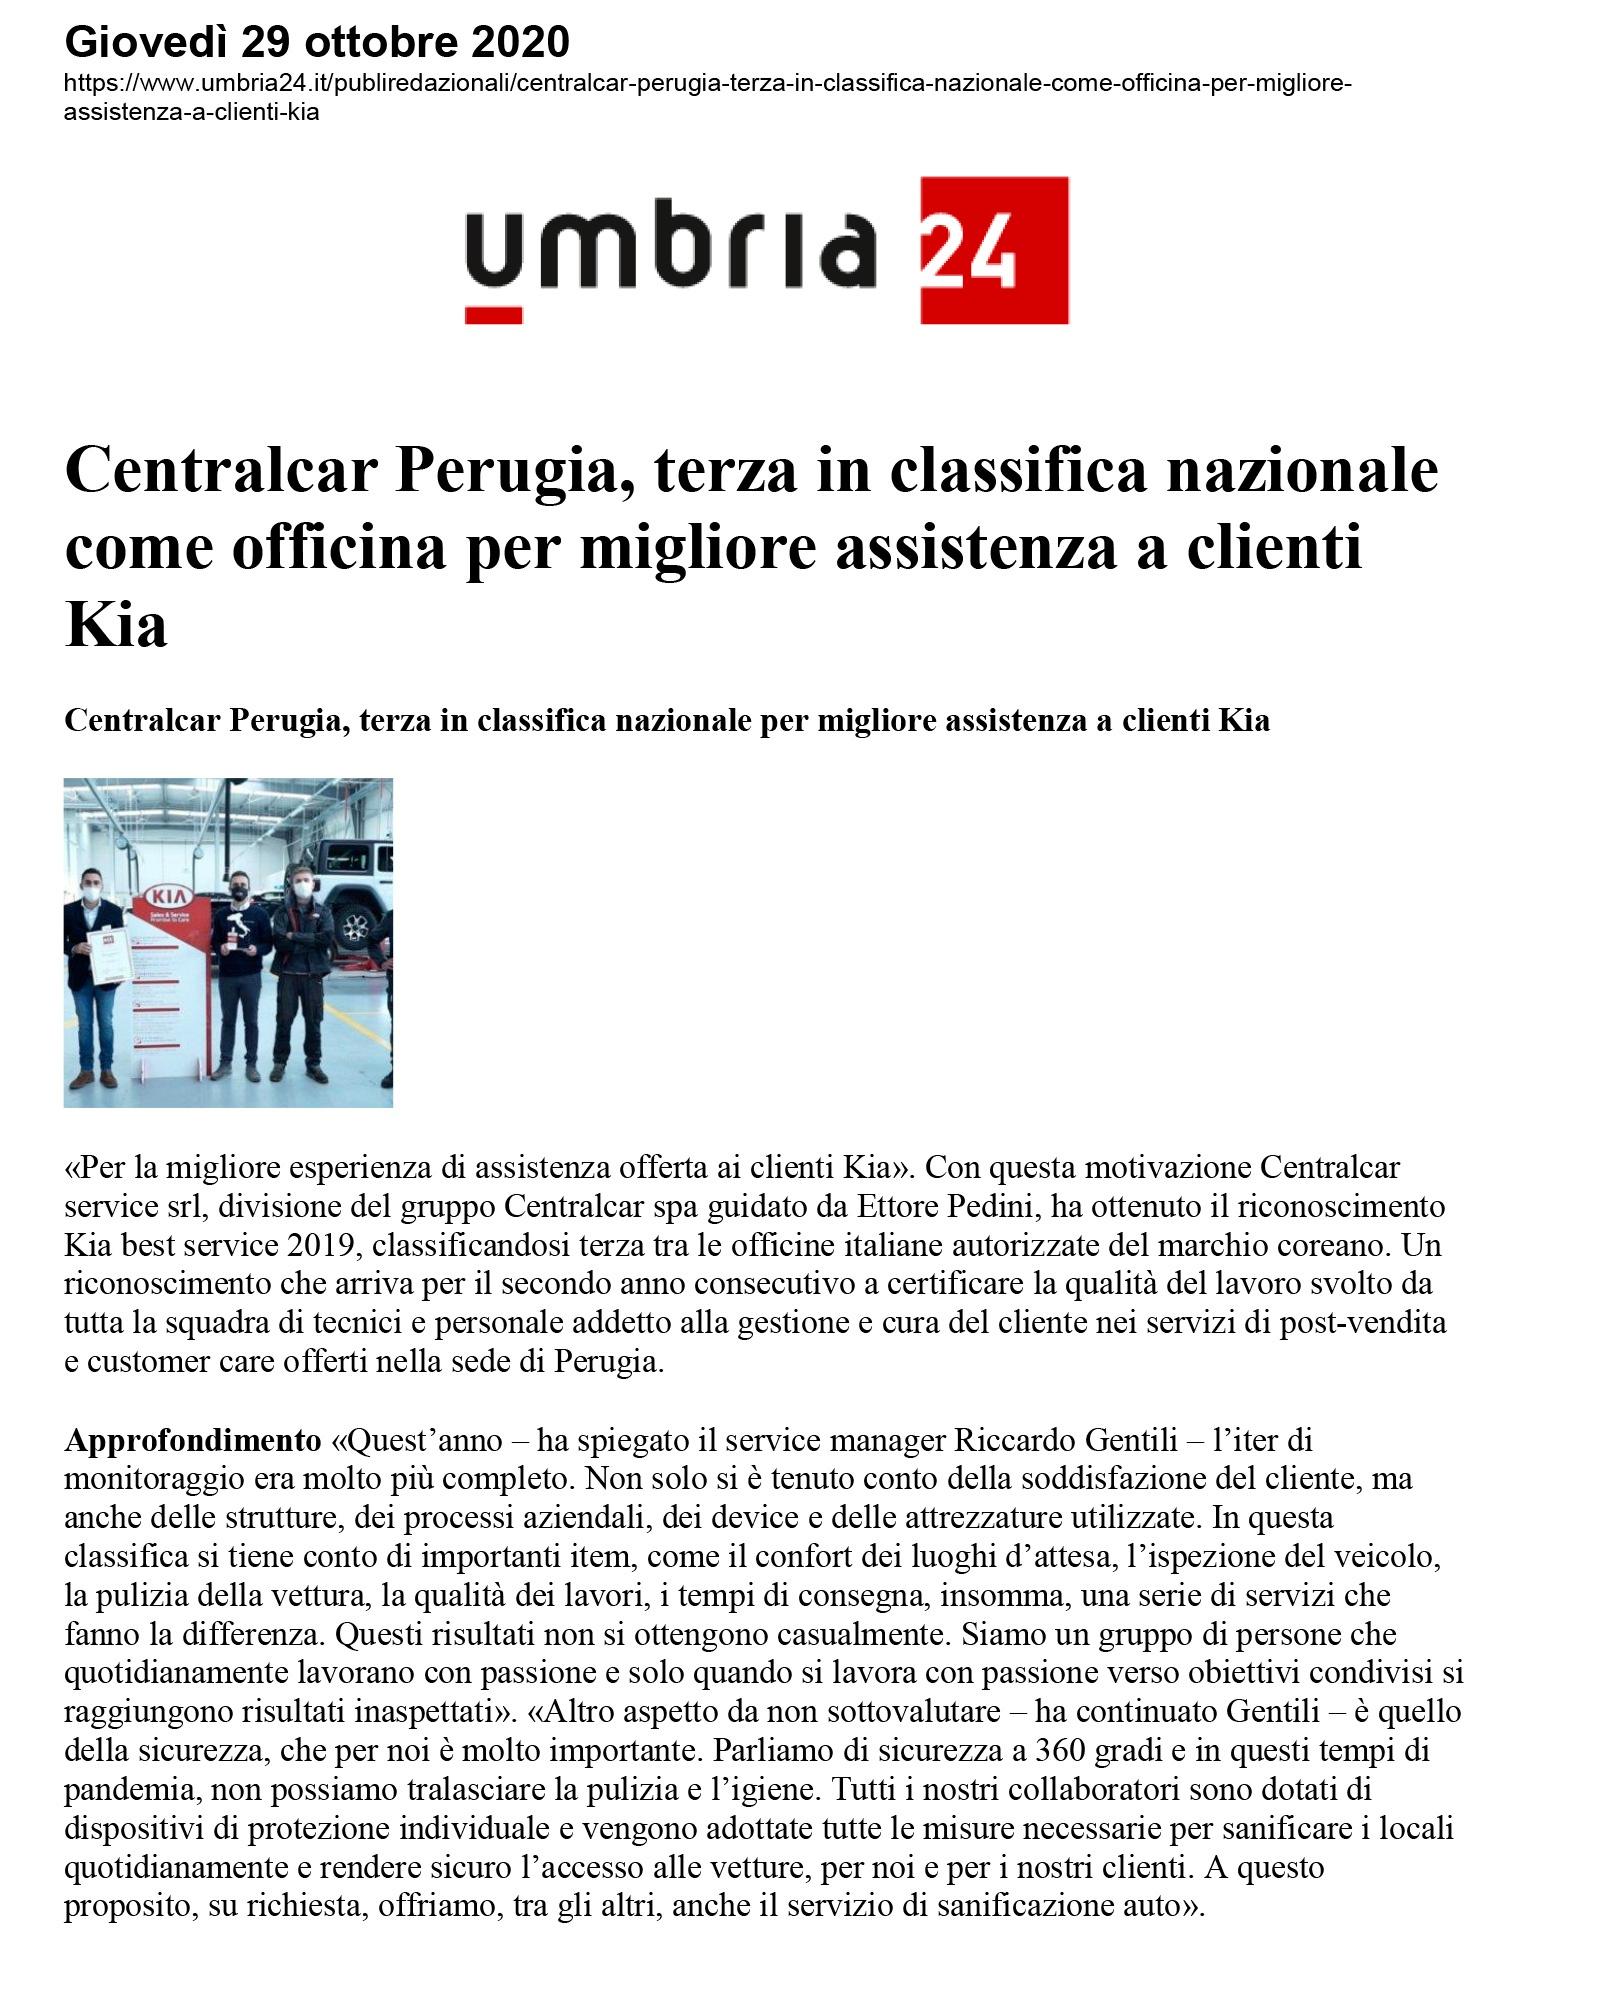 Centralcar Perugia, terza in classifica nazionale come officina per migliore assistenza a clienti Kia